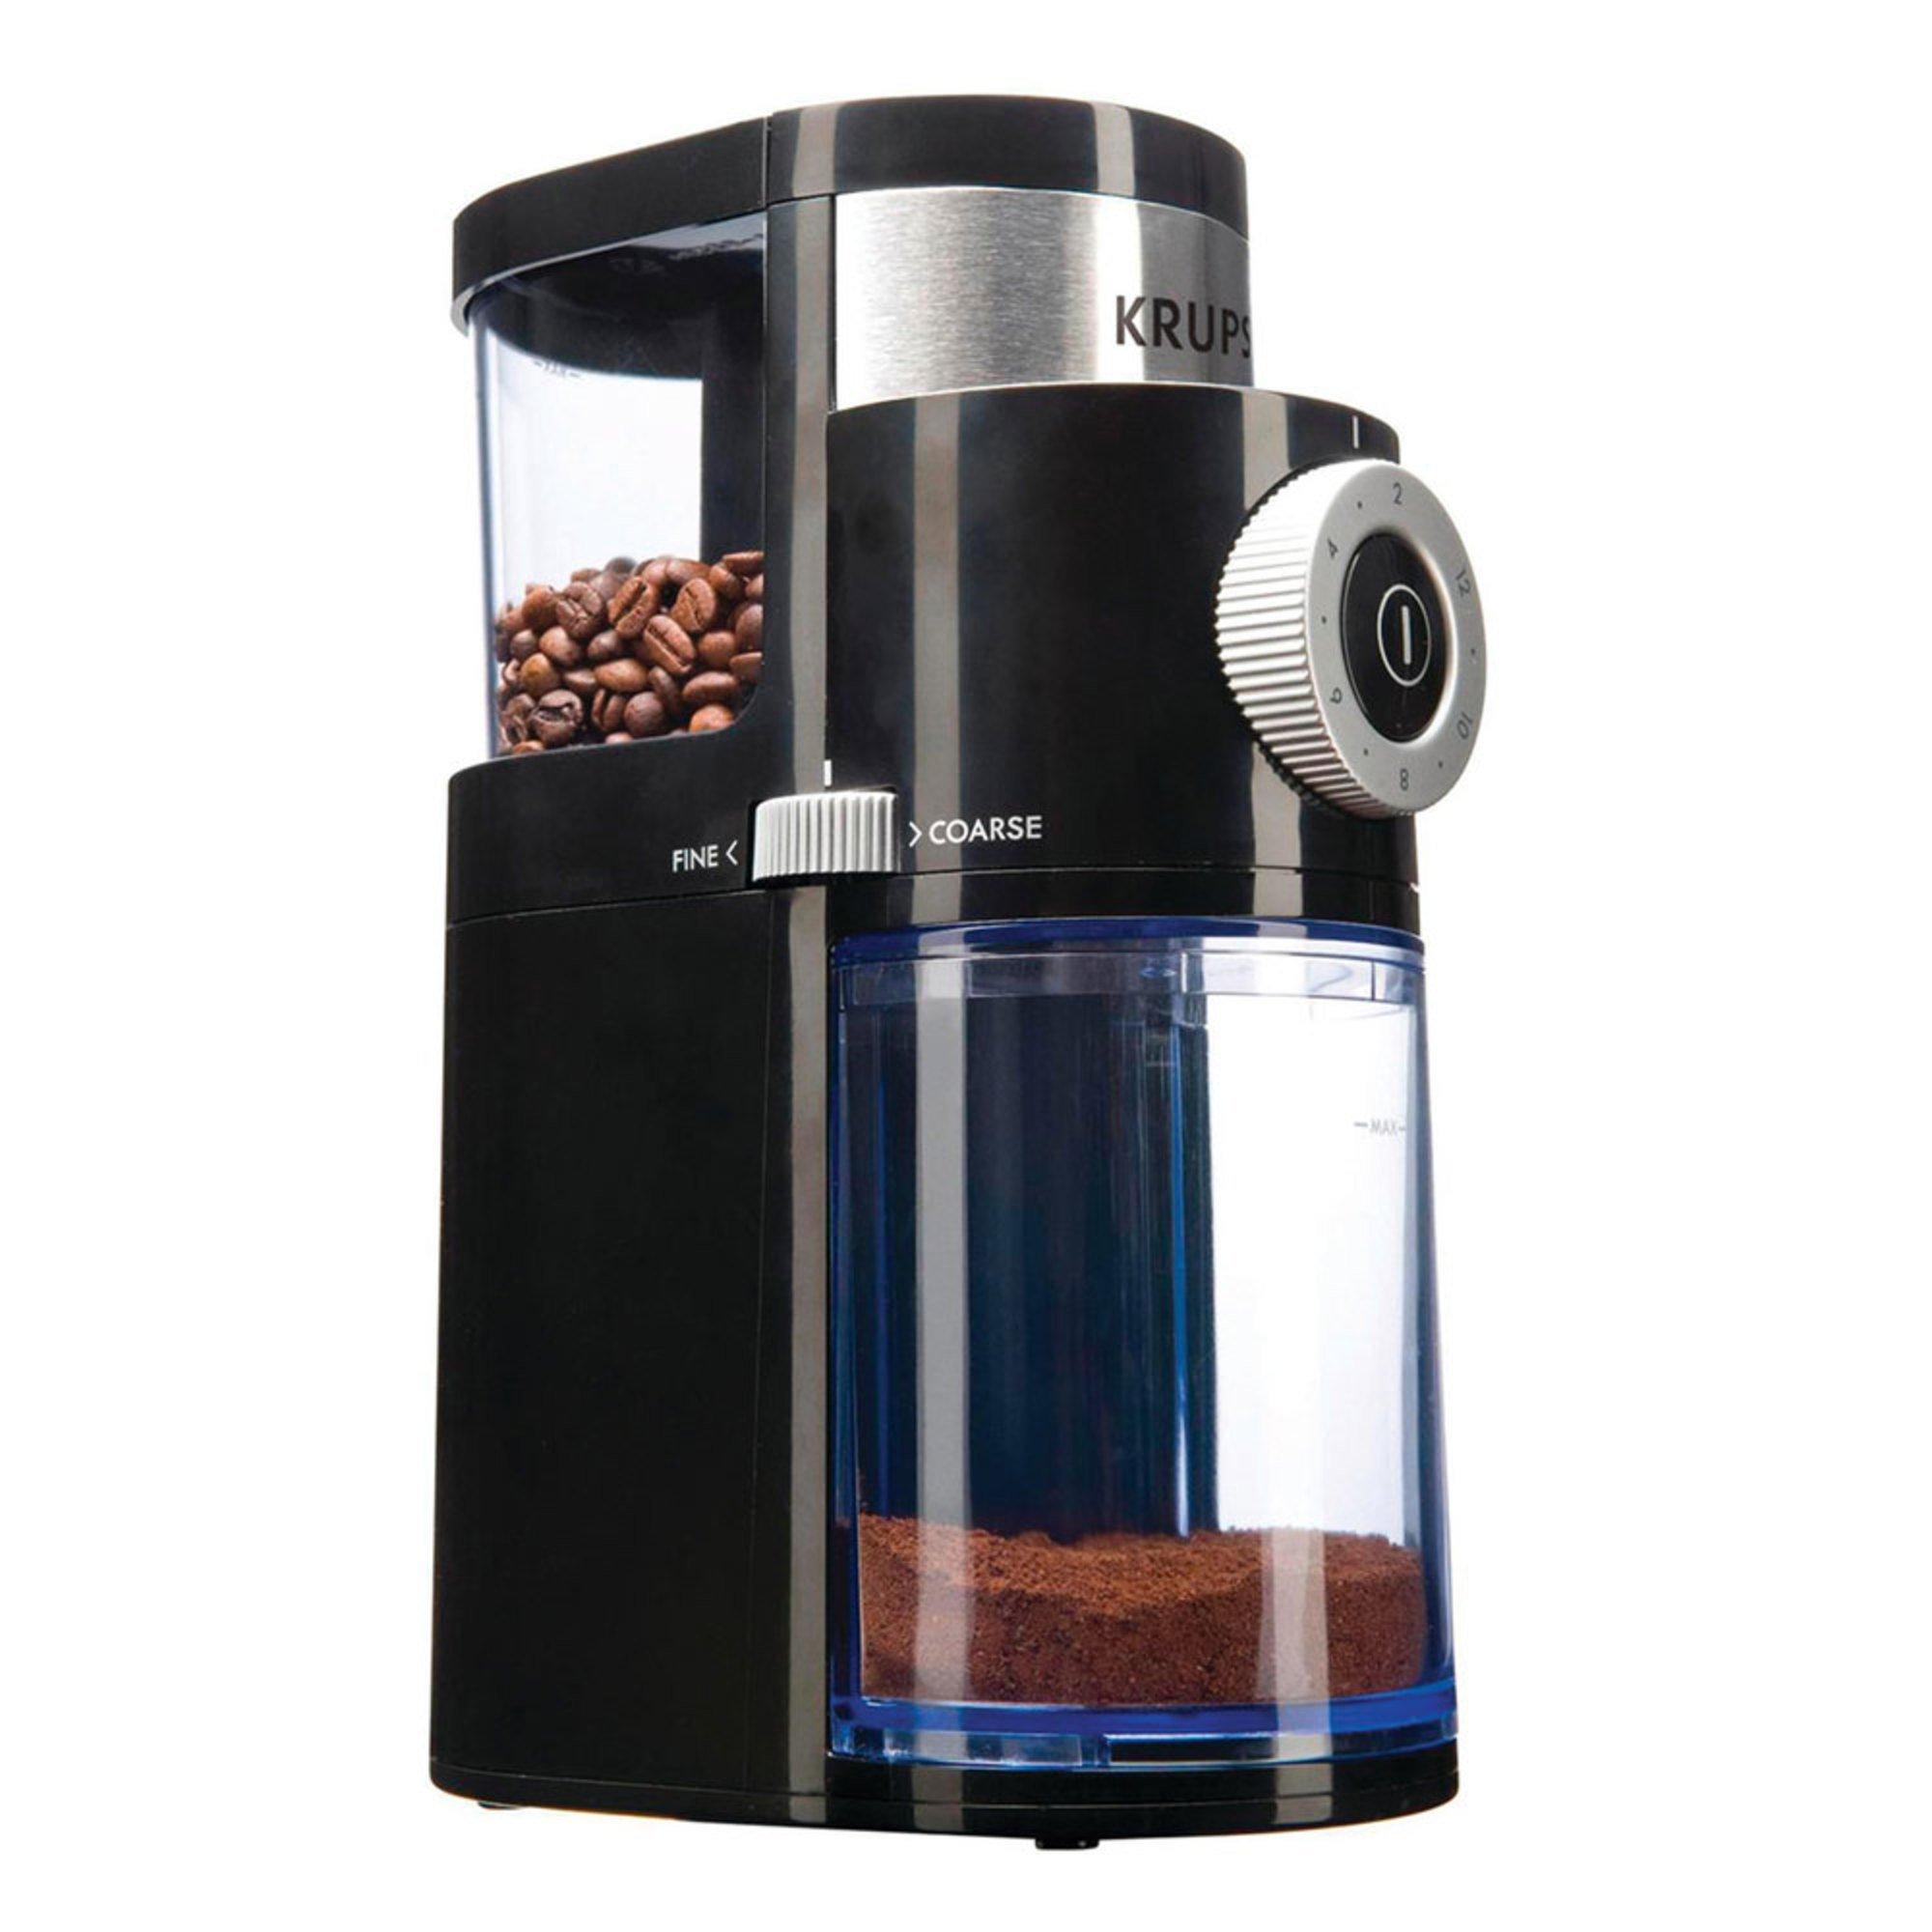 krups coffee grinder gx5000 manual